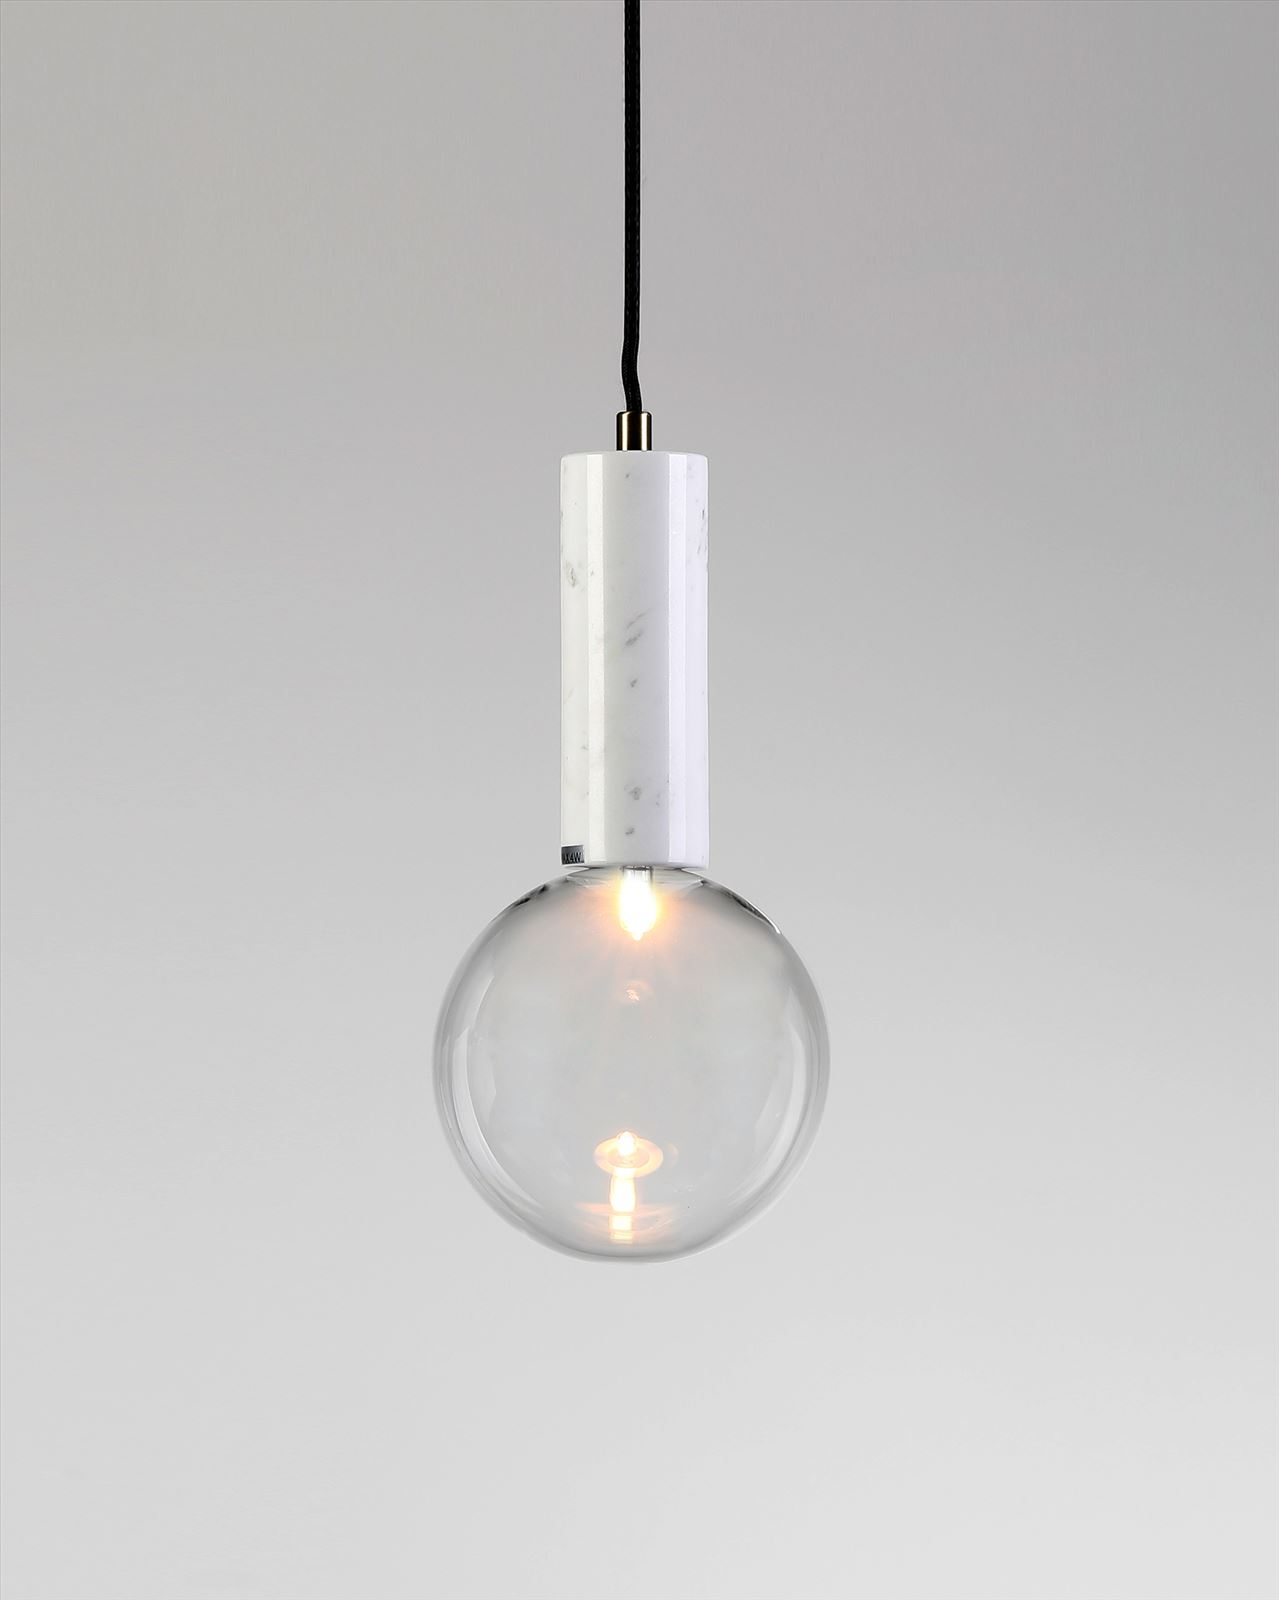 גופי תאורה בקטגוריית: מנורות תלויות ,שם המוצר: BADOLINA L